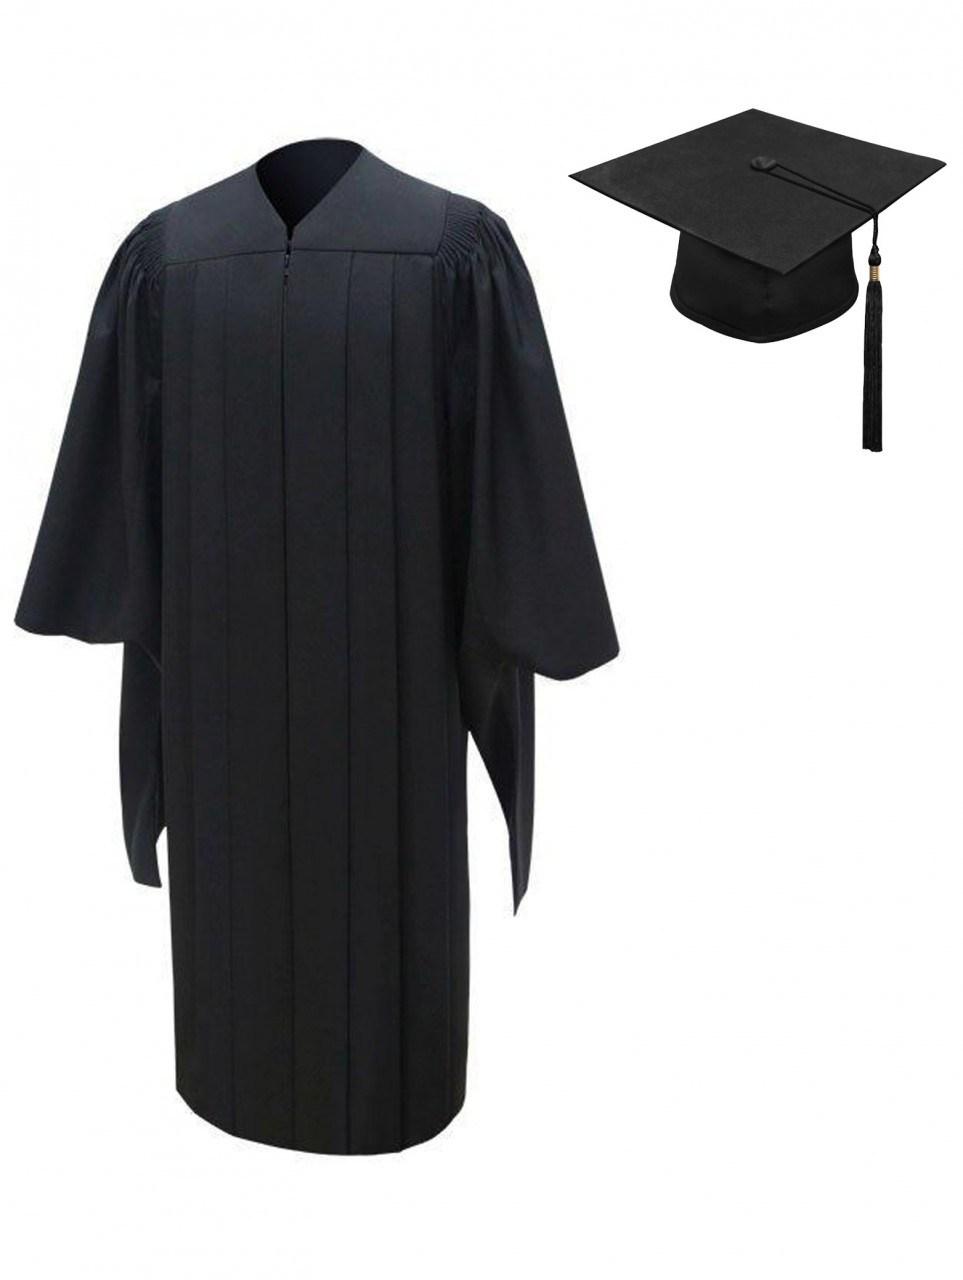 Graduation gown clipart 6 » Clipart Portal.